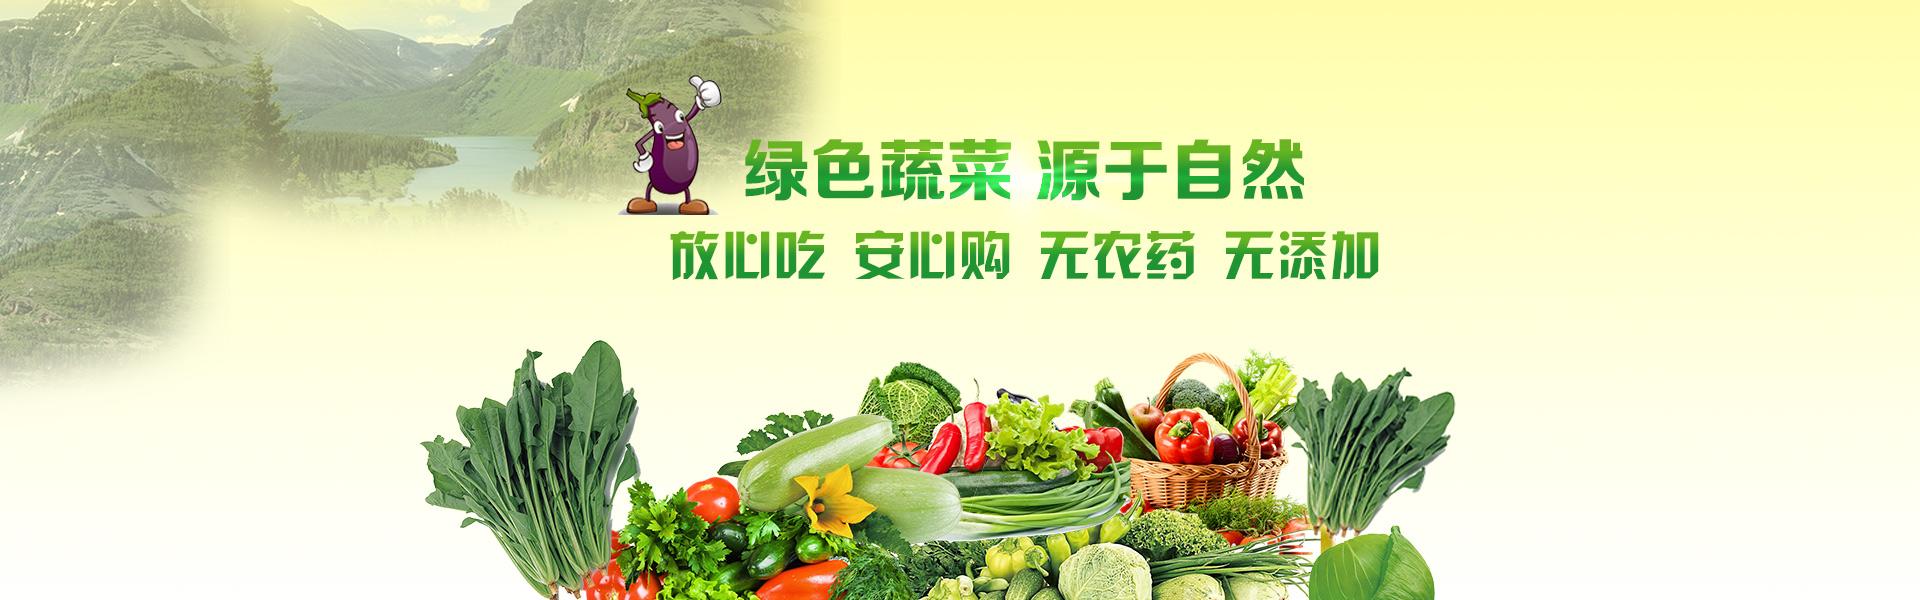 昌庭农业.商标